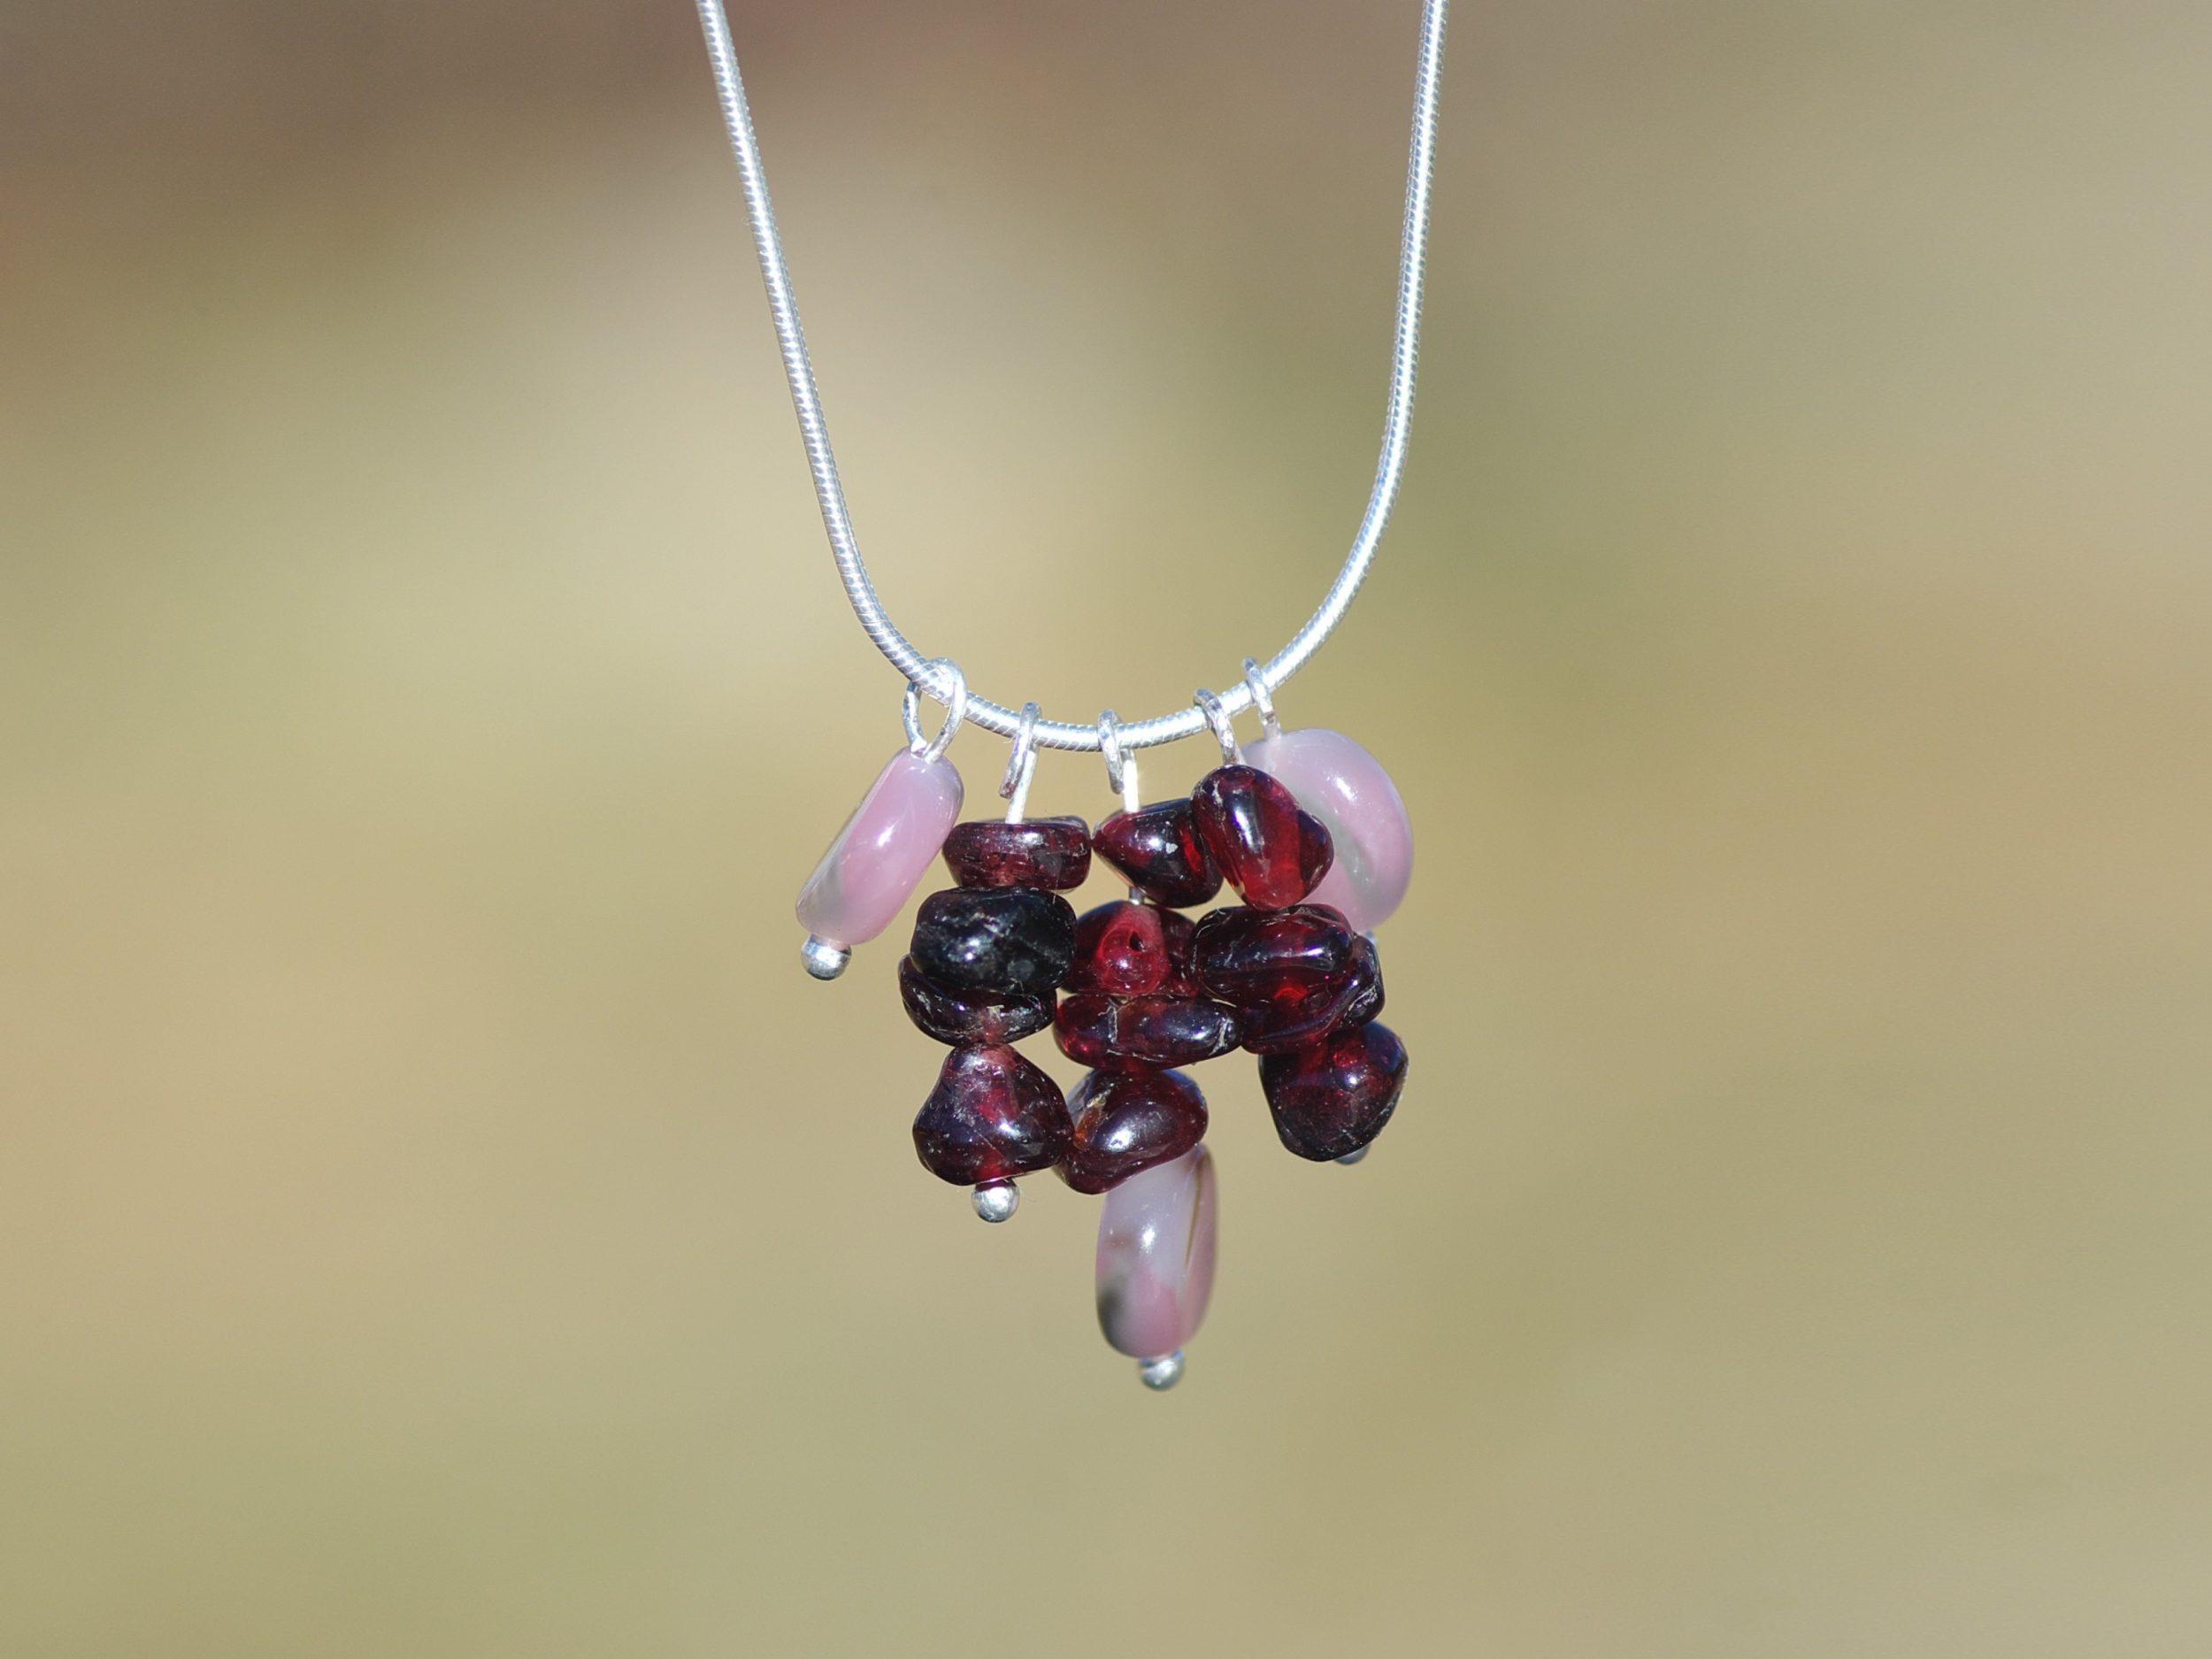 Fine chaîne serpentine avec un pendentif gemmes.Grenats presque bruts et des perles d'opales roses.